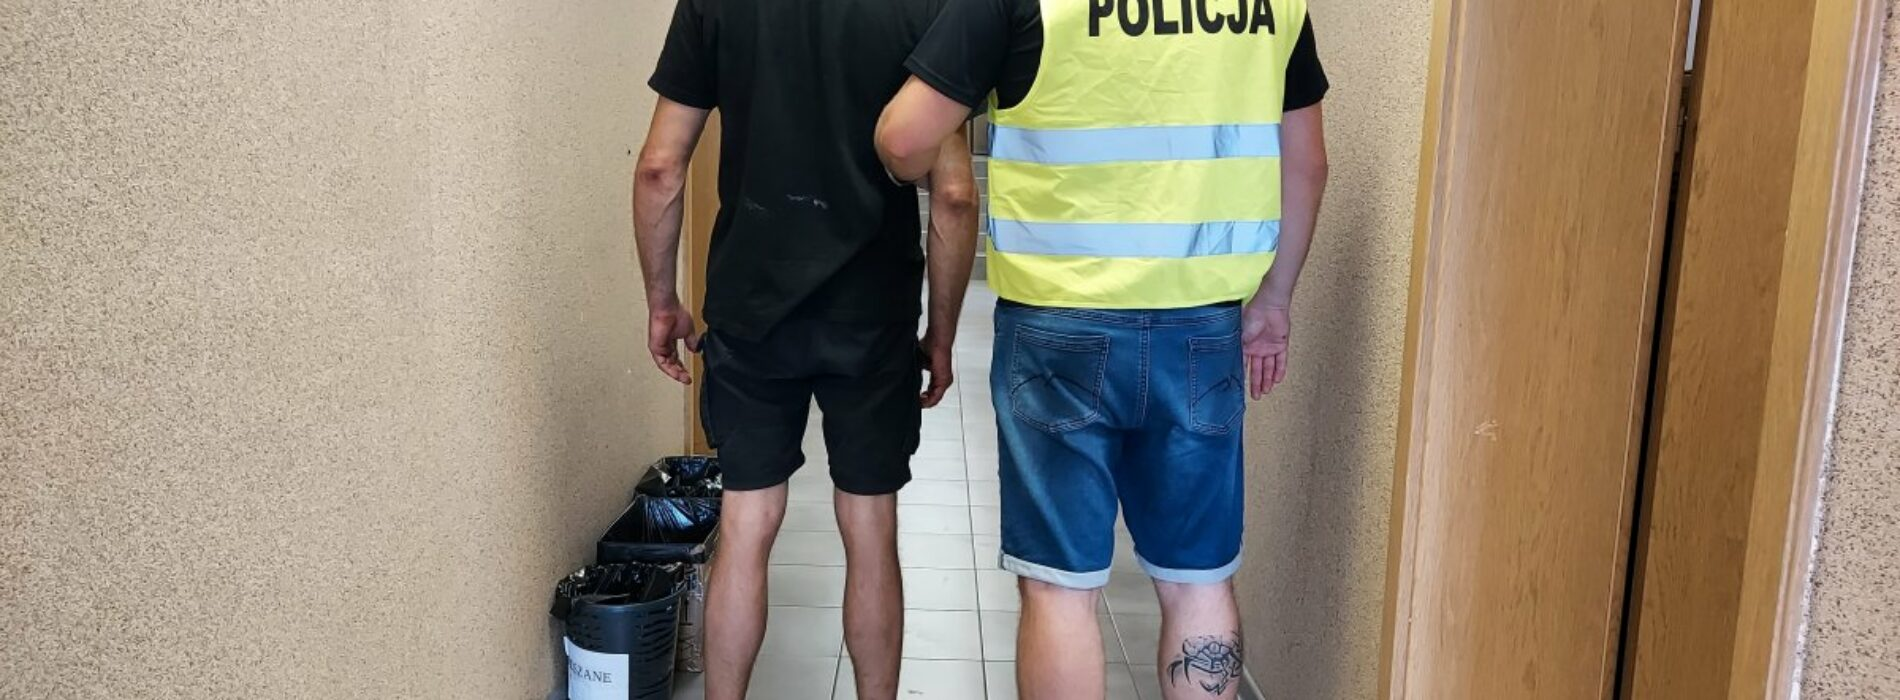 Policjanci zabezpieczyli narkotyki